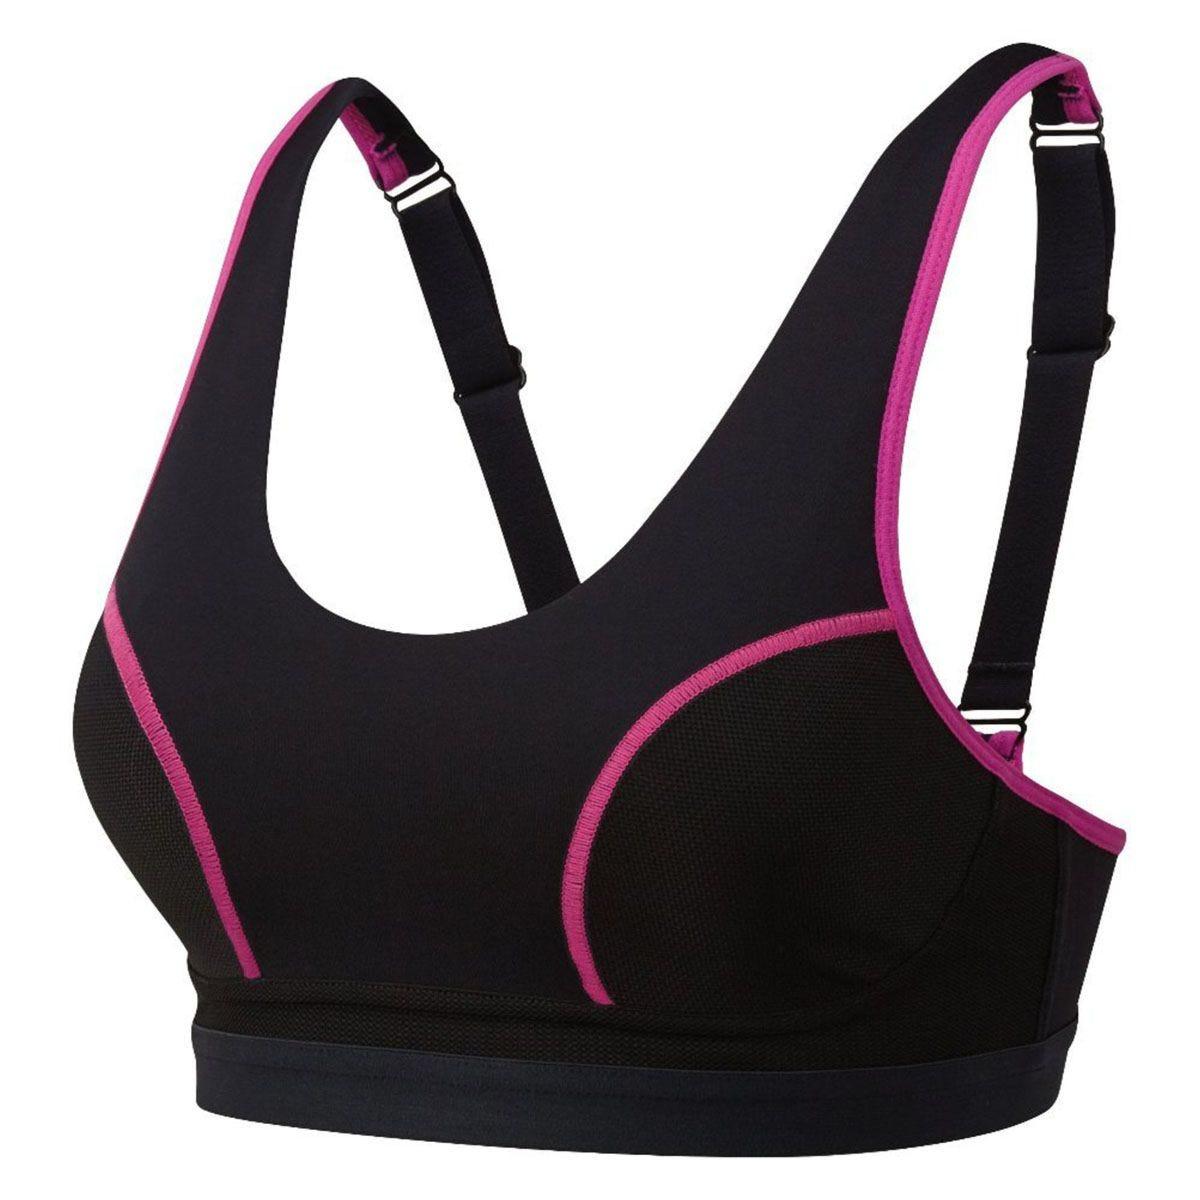 Runderwear Original Support Running Bra 28DD  - Pink